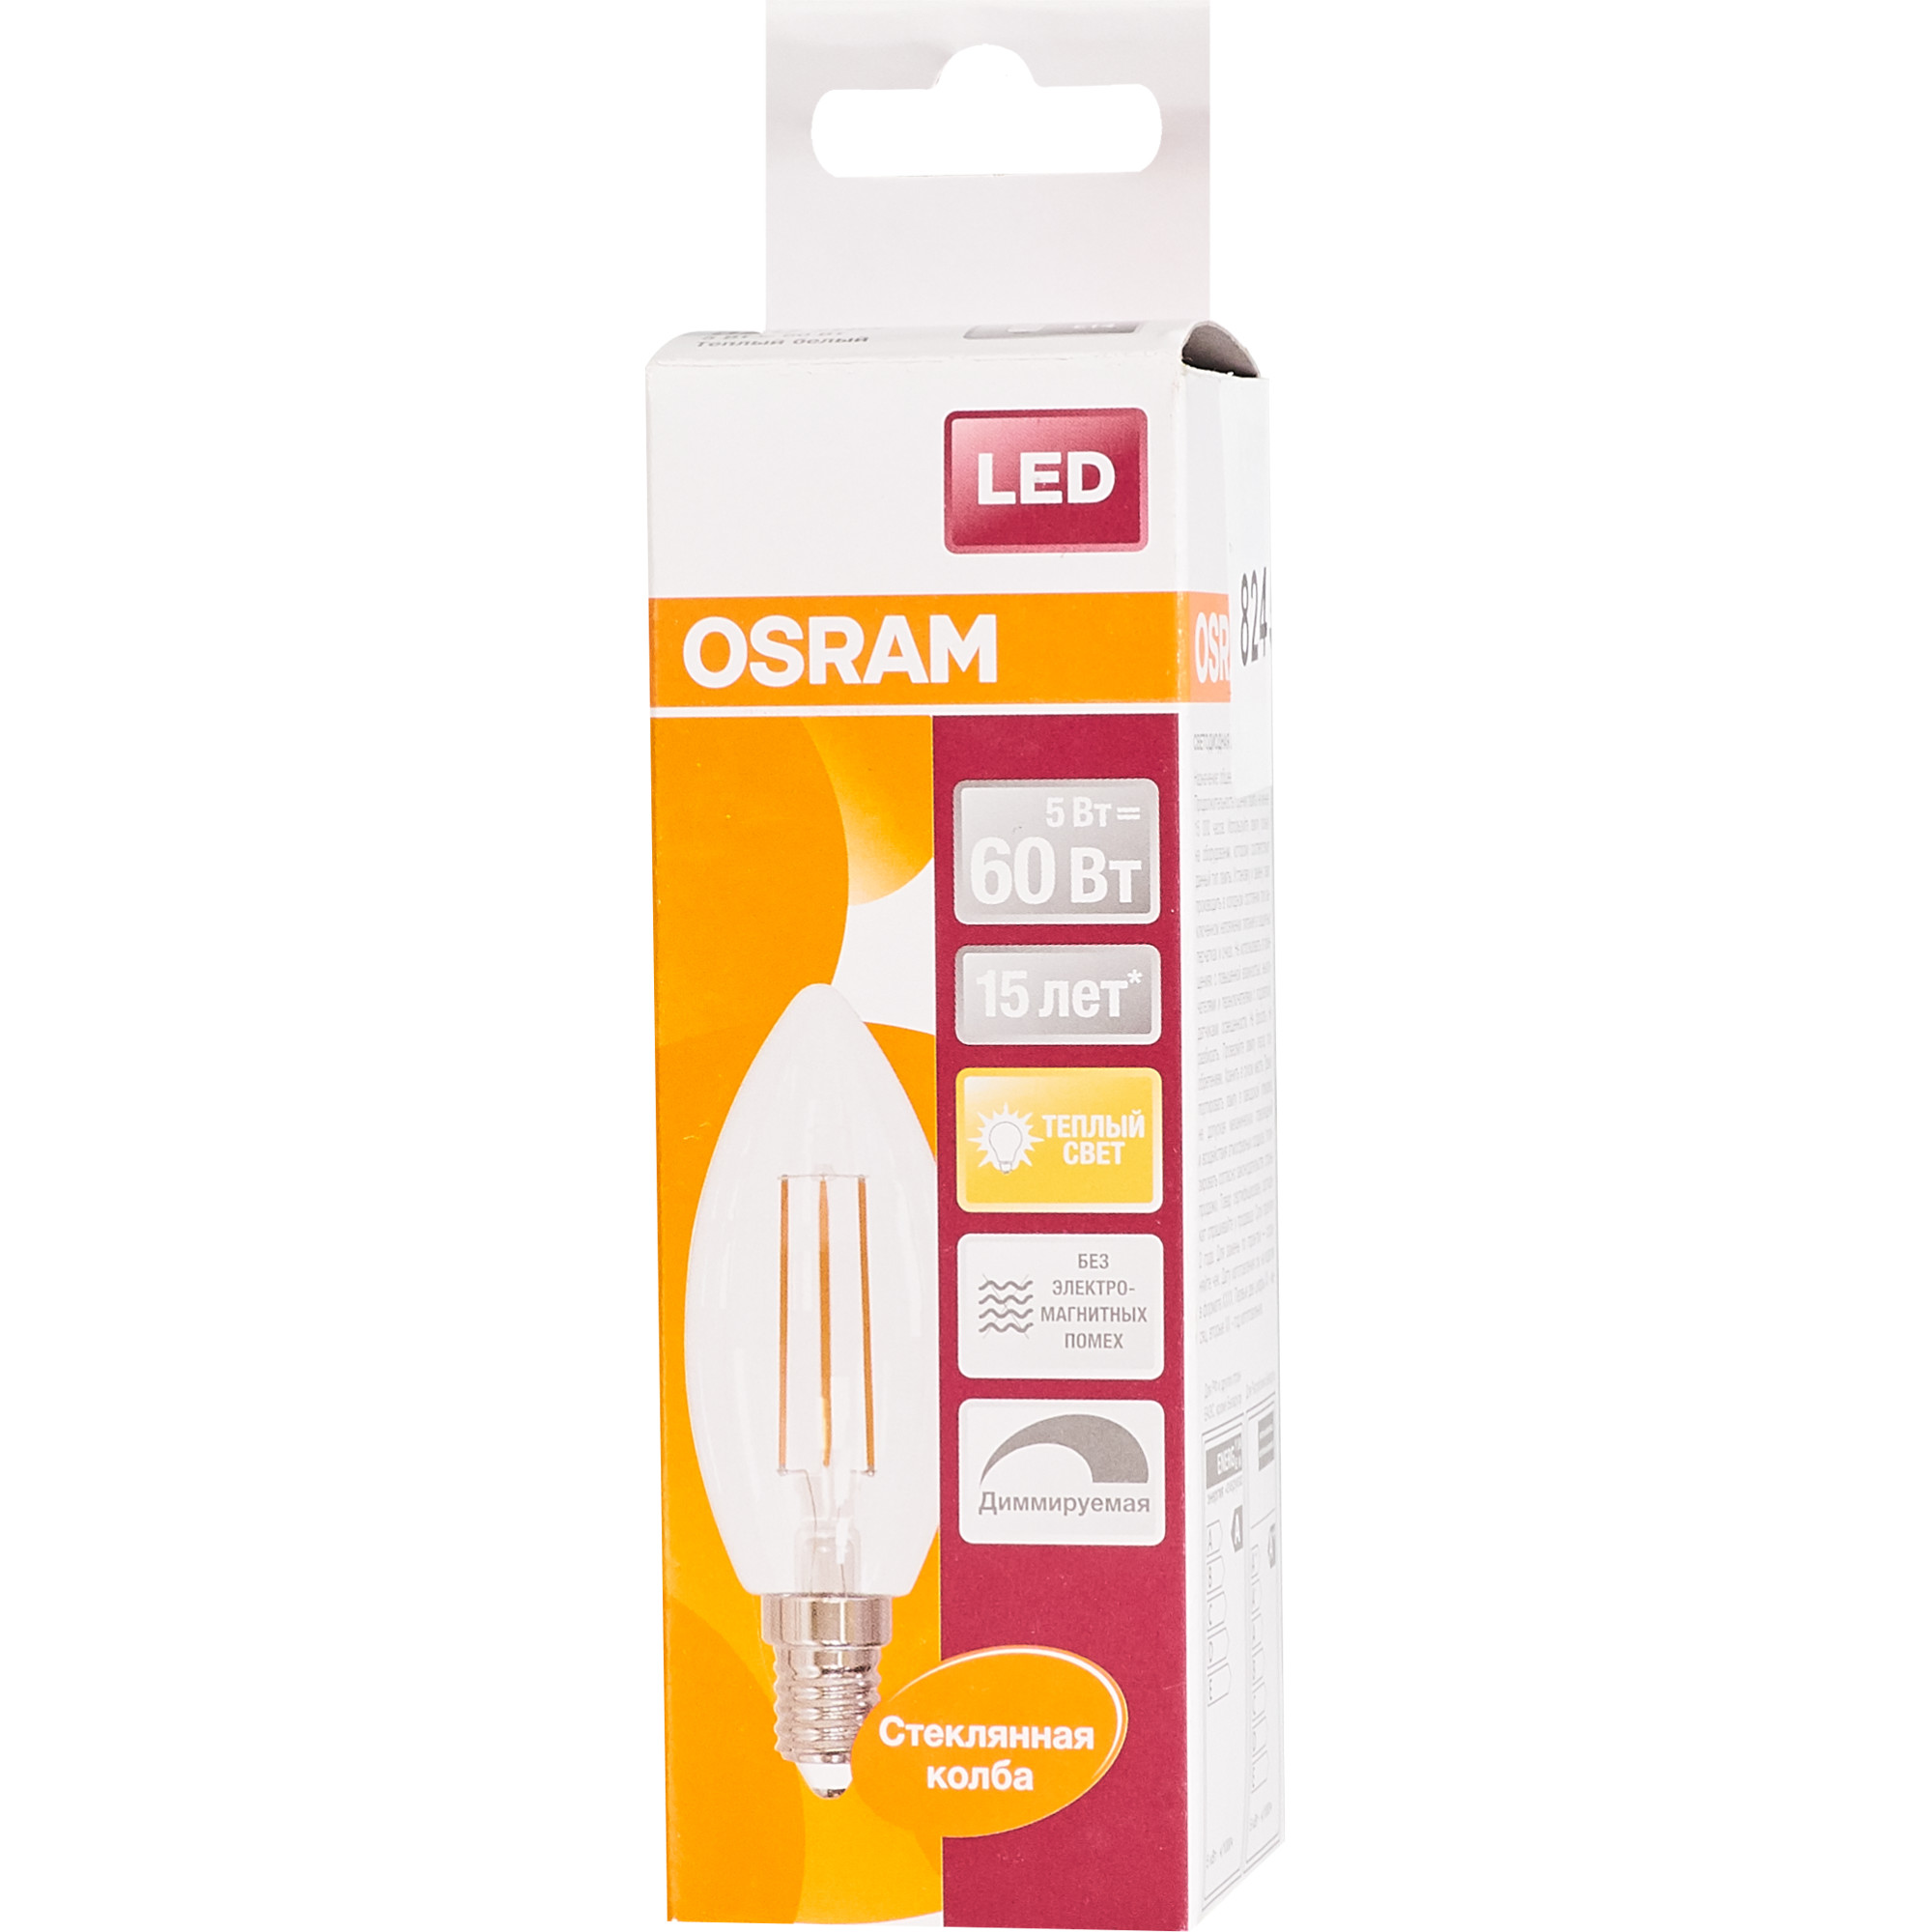 Лампа светодиодная филаментная Osram E14 220 В 5 Вт свеча прозрачная 520 лм тёплый белый свет для диммера